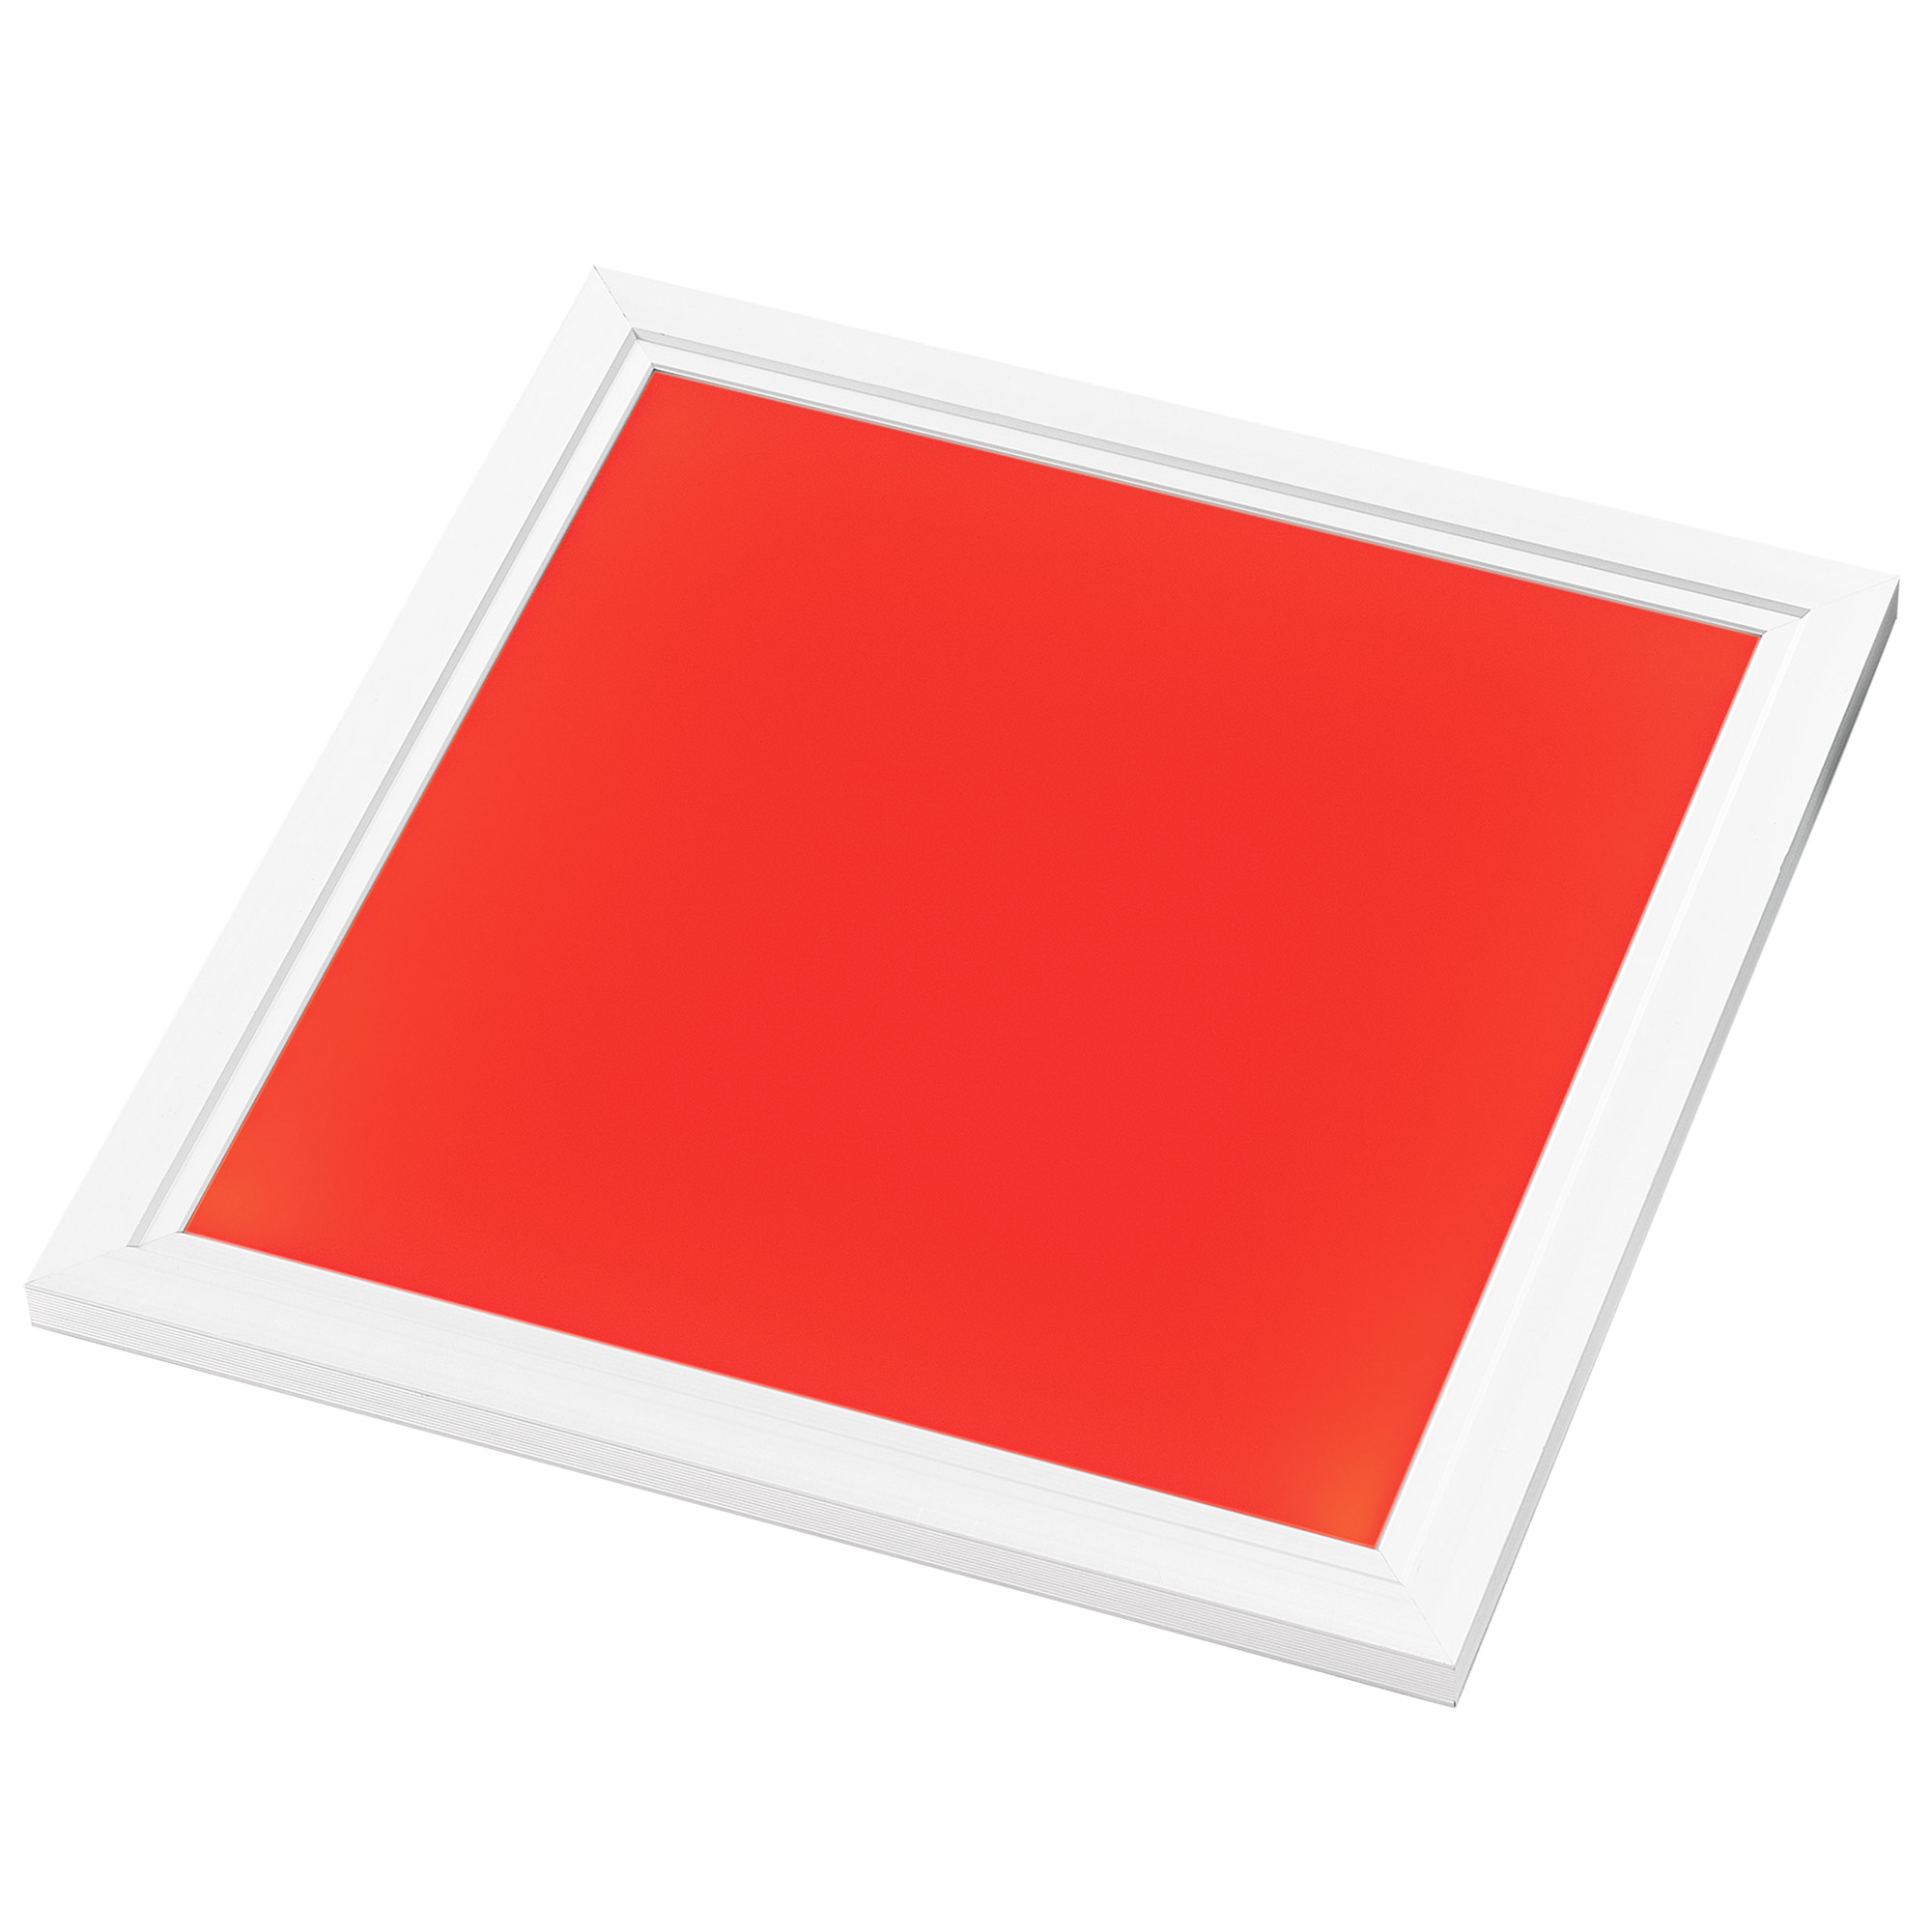 hi power led panel rund warm neutral wei ultraslim rgb einbauleuchte. Black Bedroom Furniture Sets. Home Design Ideas